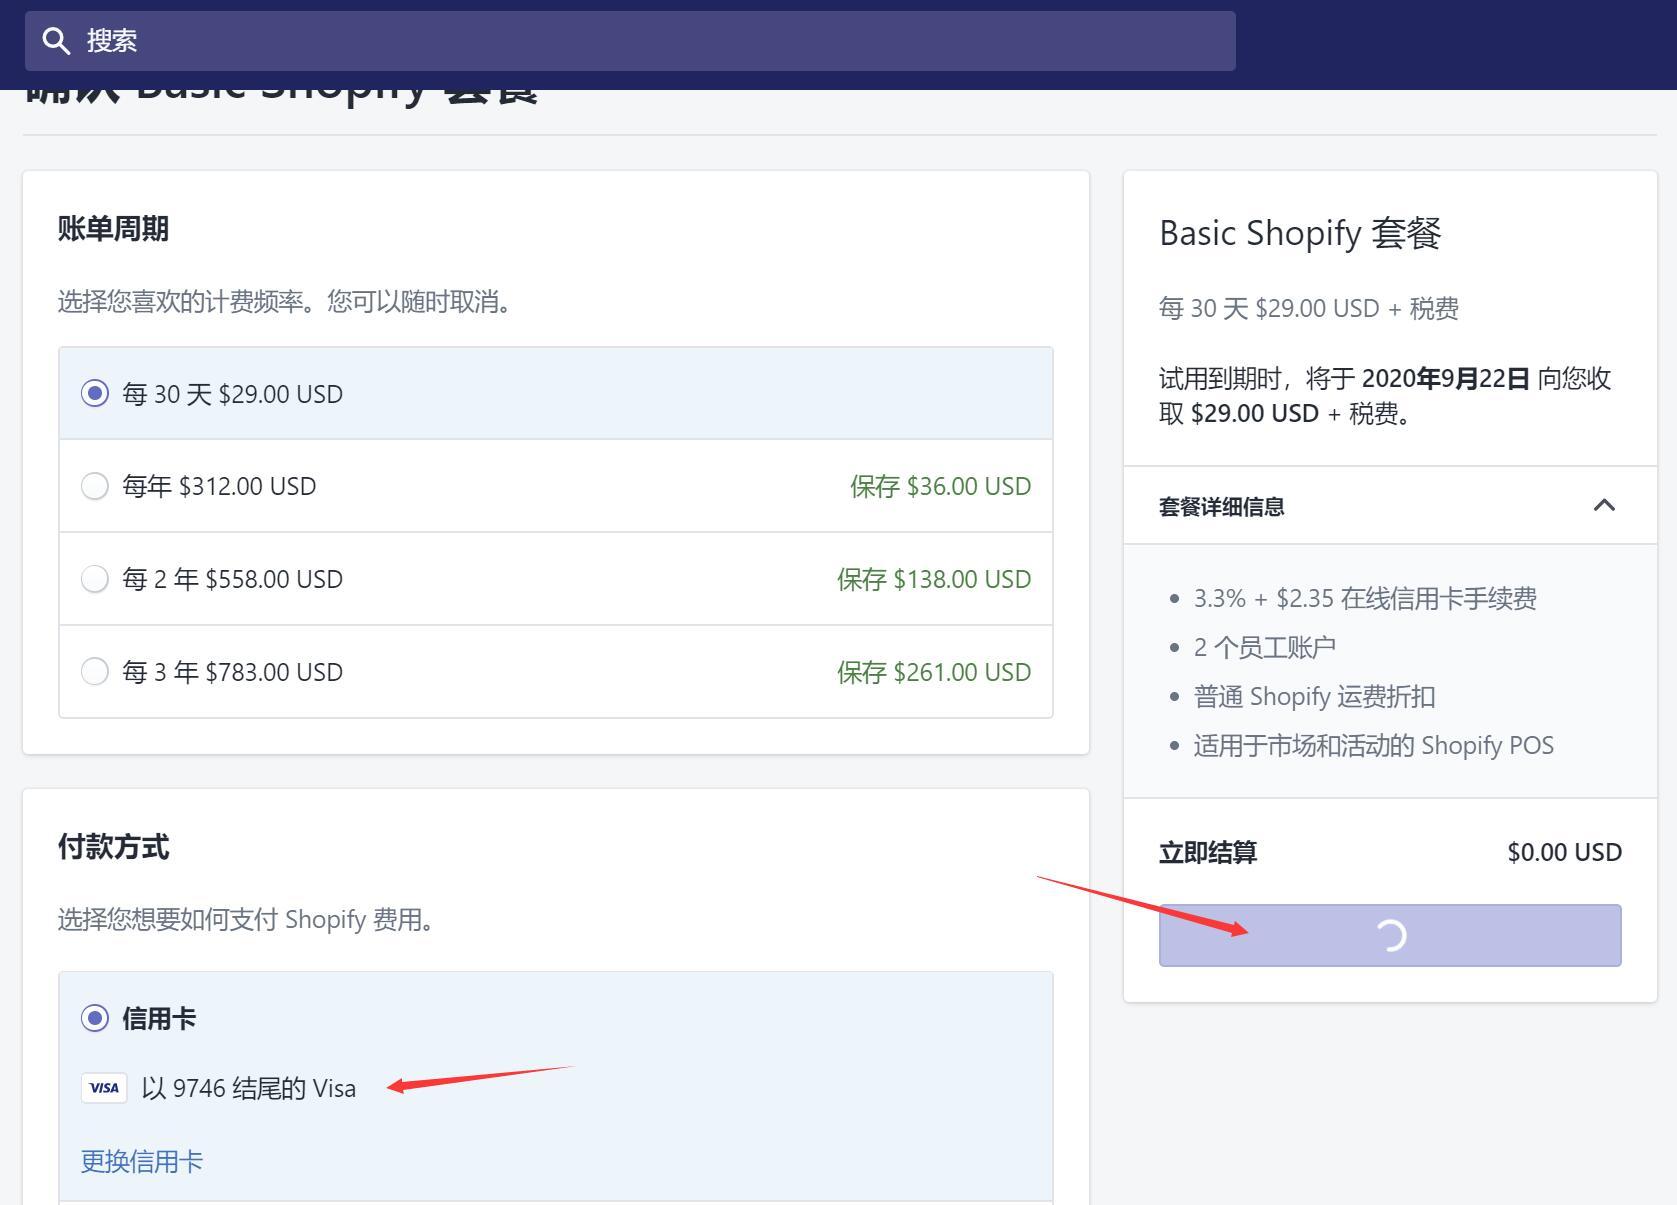 免费创建Shopify网店,只用1小时拥有自己的网店!